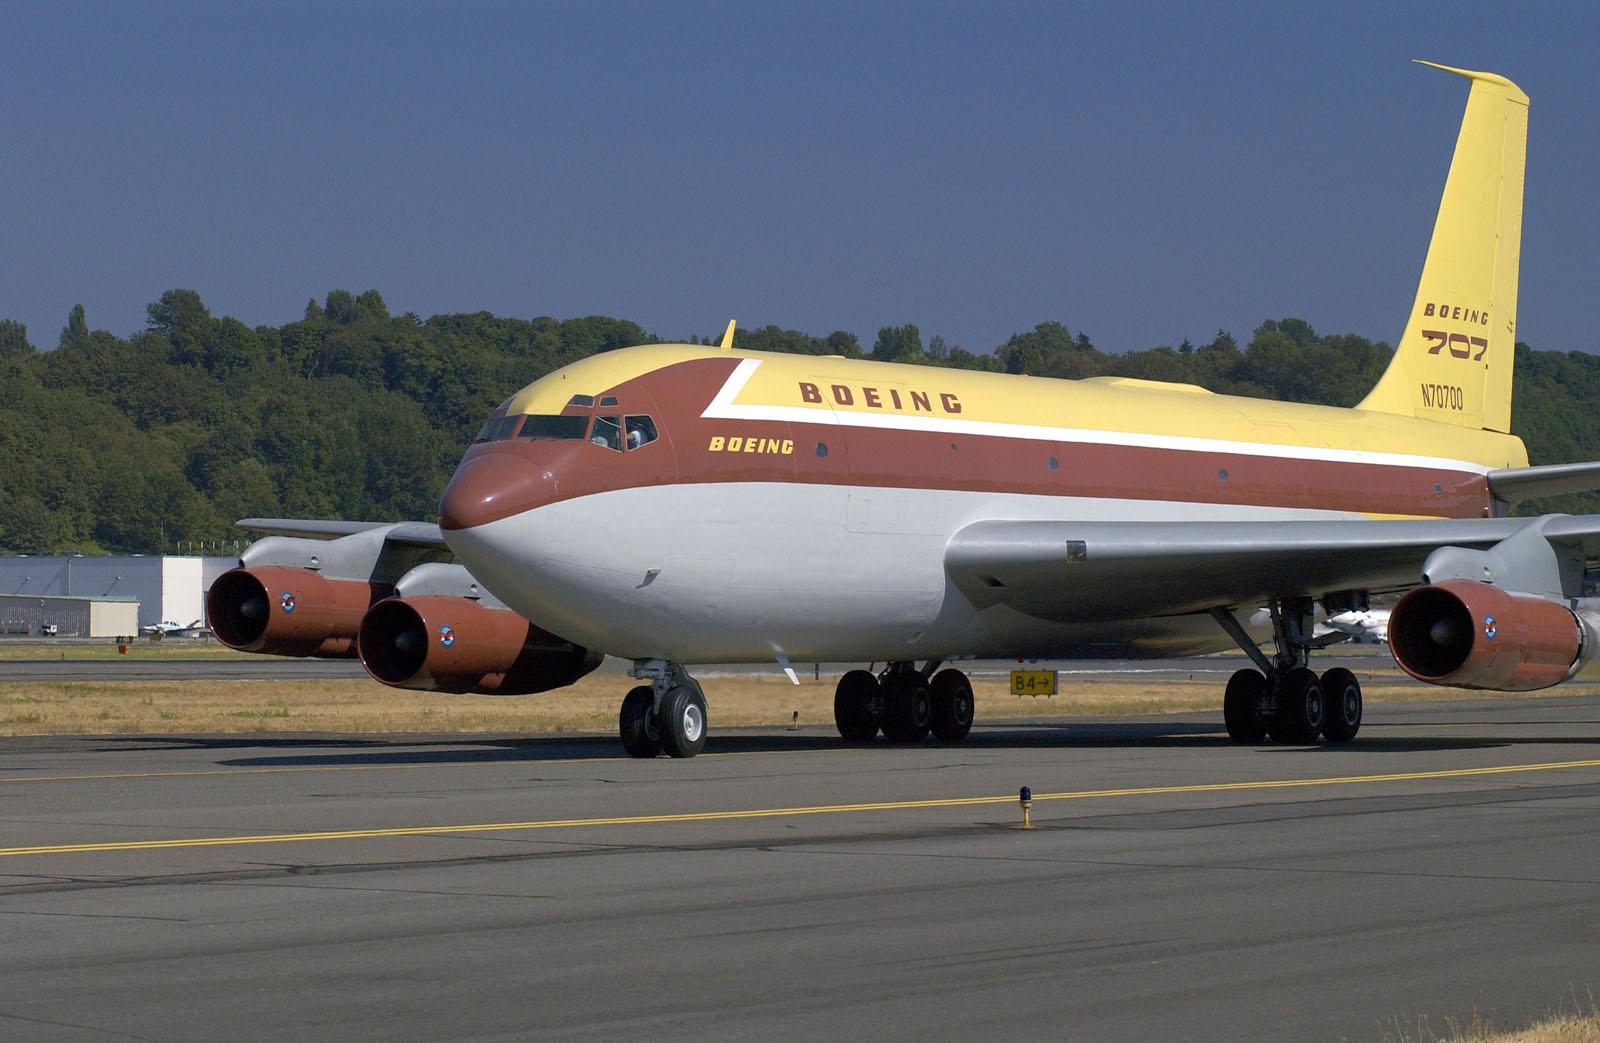 Boeing B707 w pierwotnej postaci jeszcze jako Dash80. Fot Boeing/CC BY 2.0